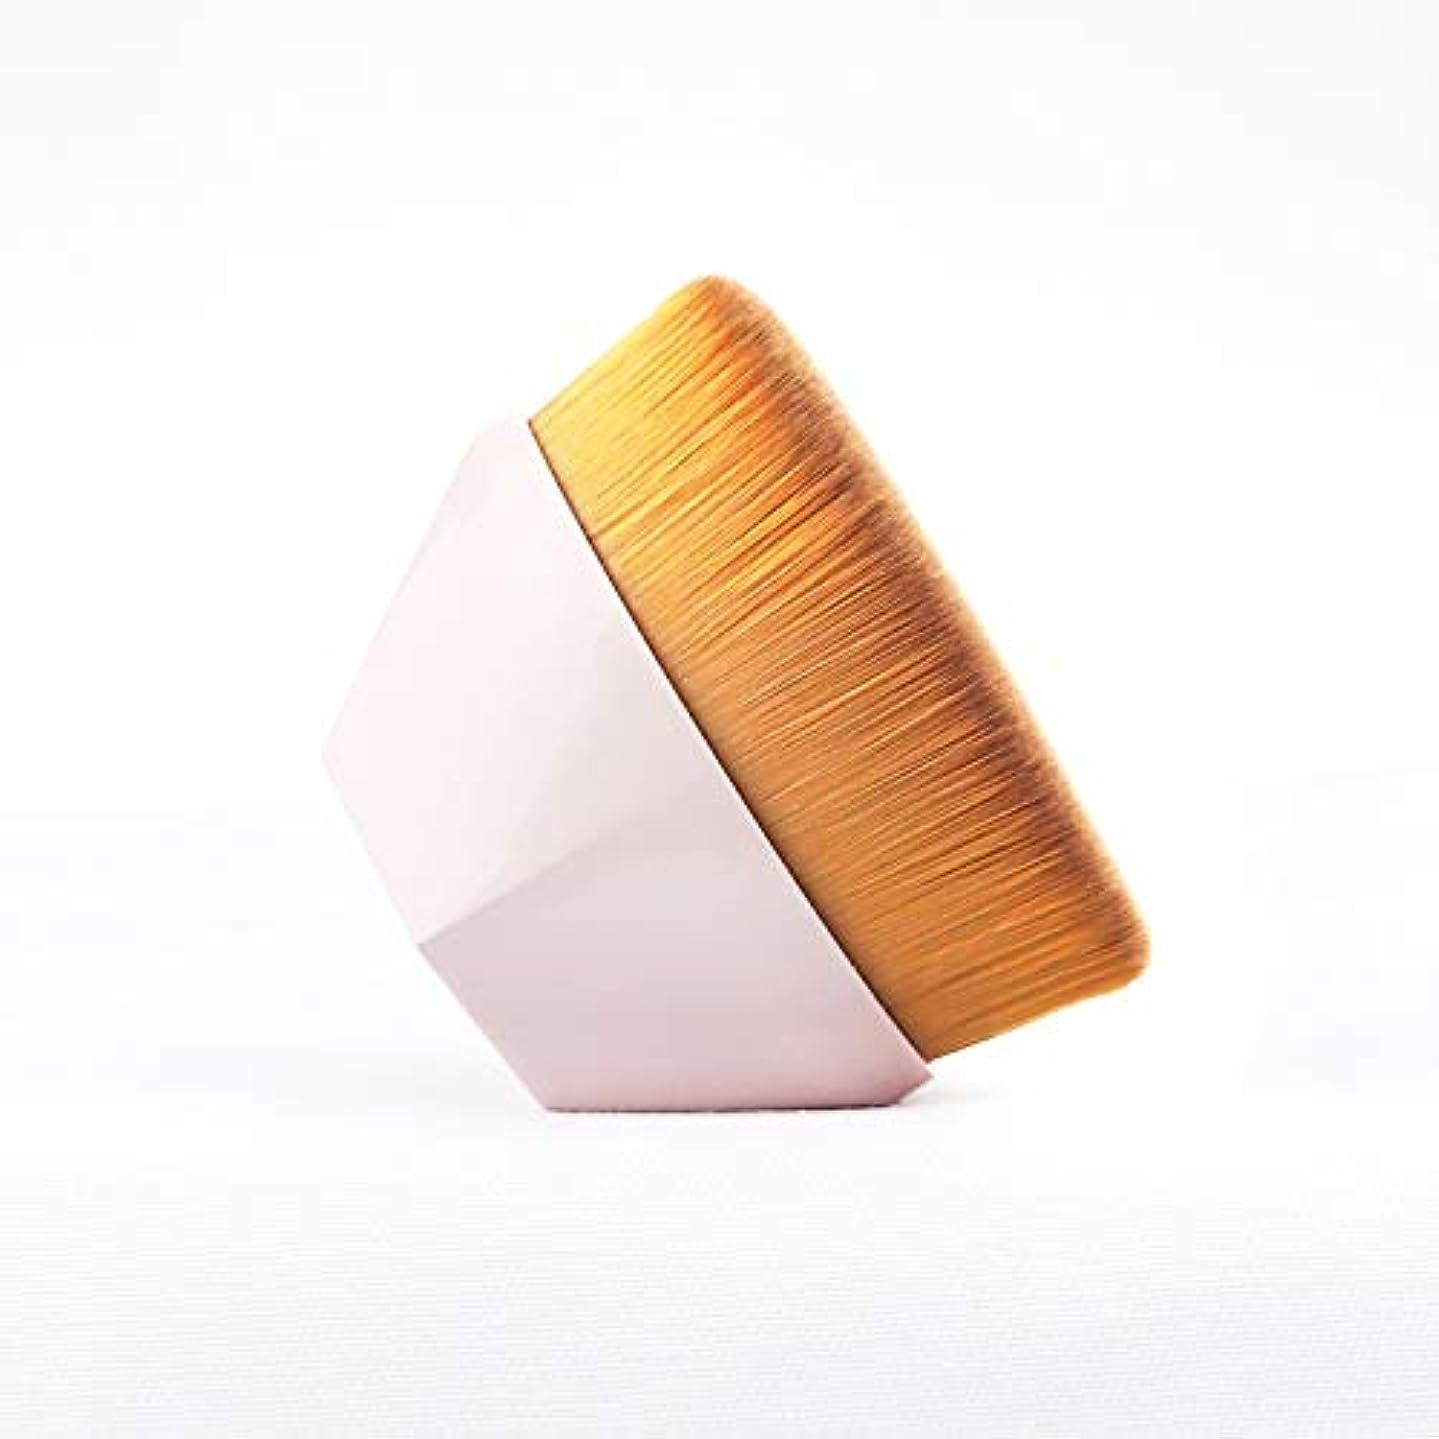 磁石適合香りファンデーション ブラシ 高密度合成毛 ベース ブラシ ピンク